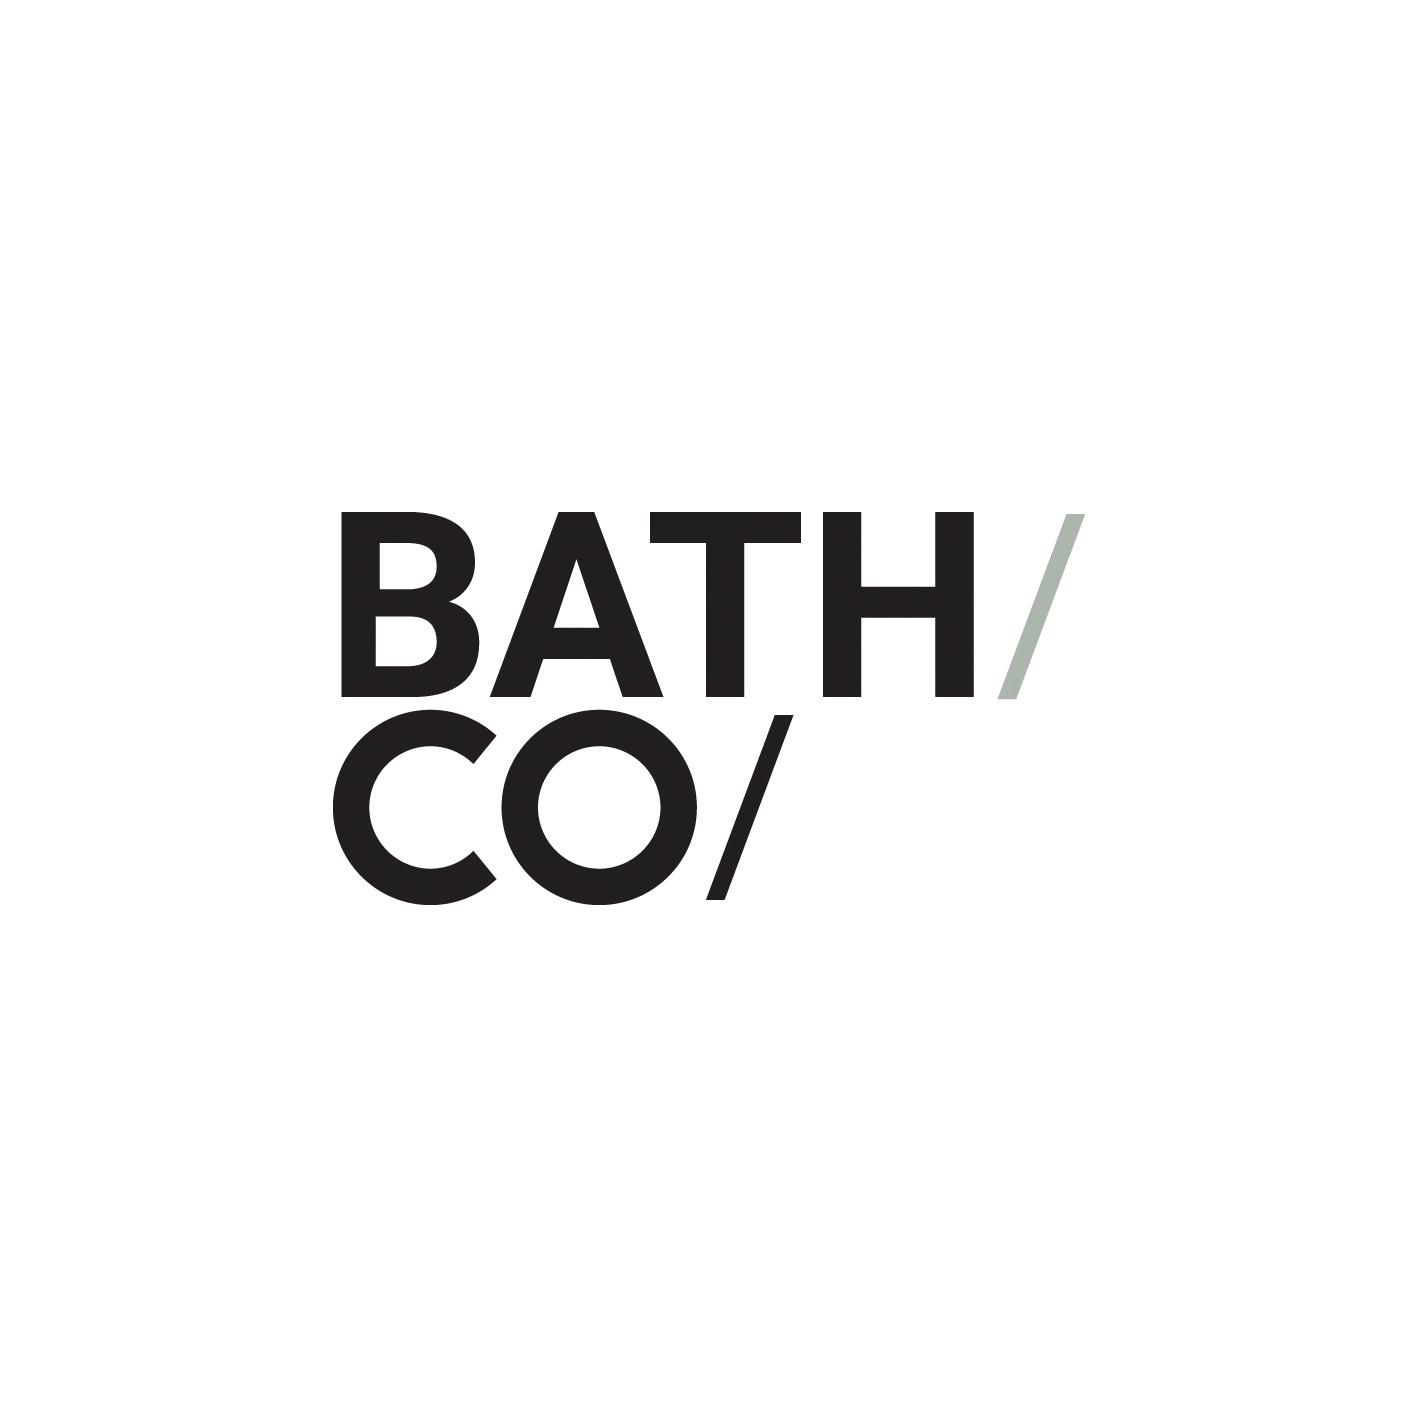 BATH CO